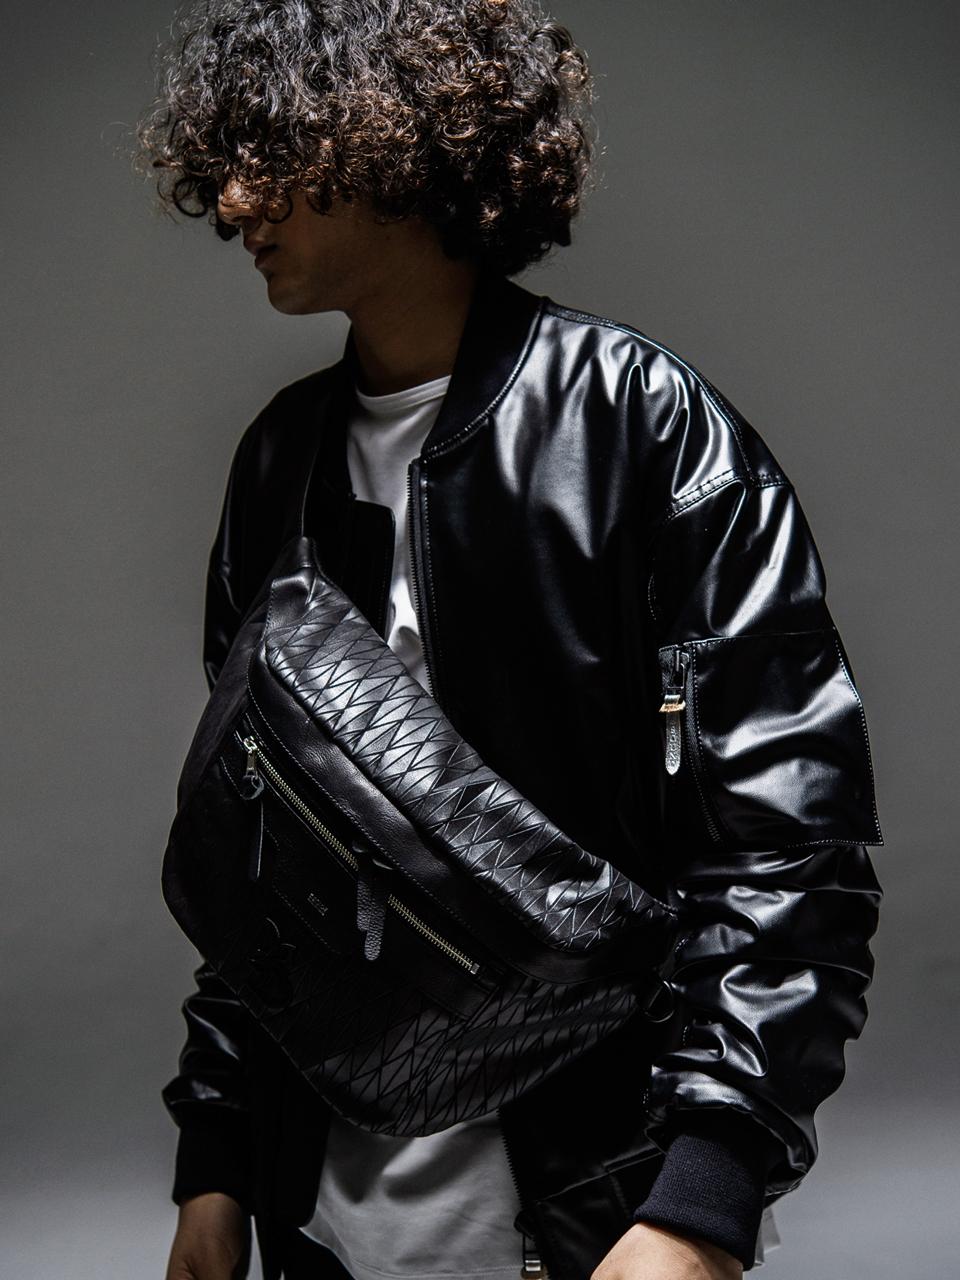 RESOUND CLOTHING | DECADE COLLABO BODY BAG